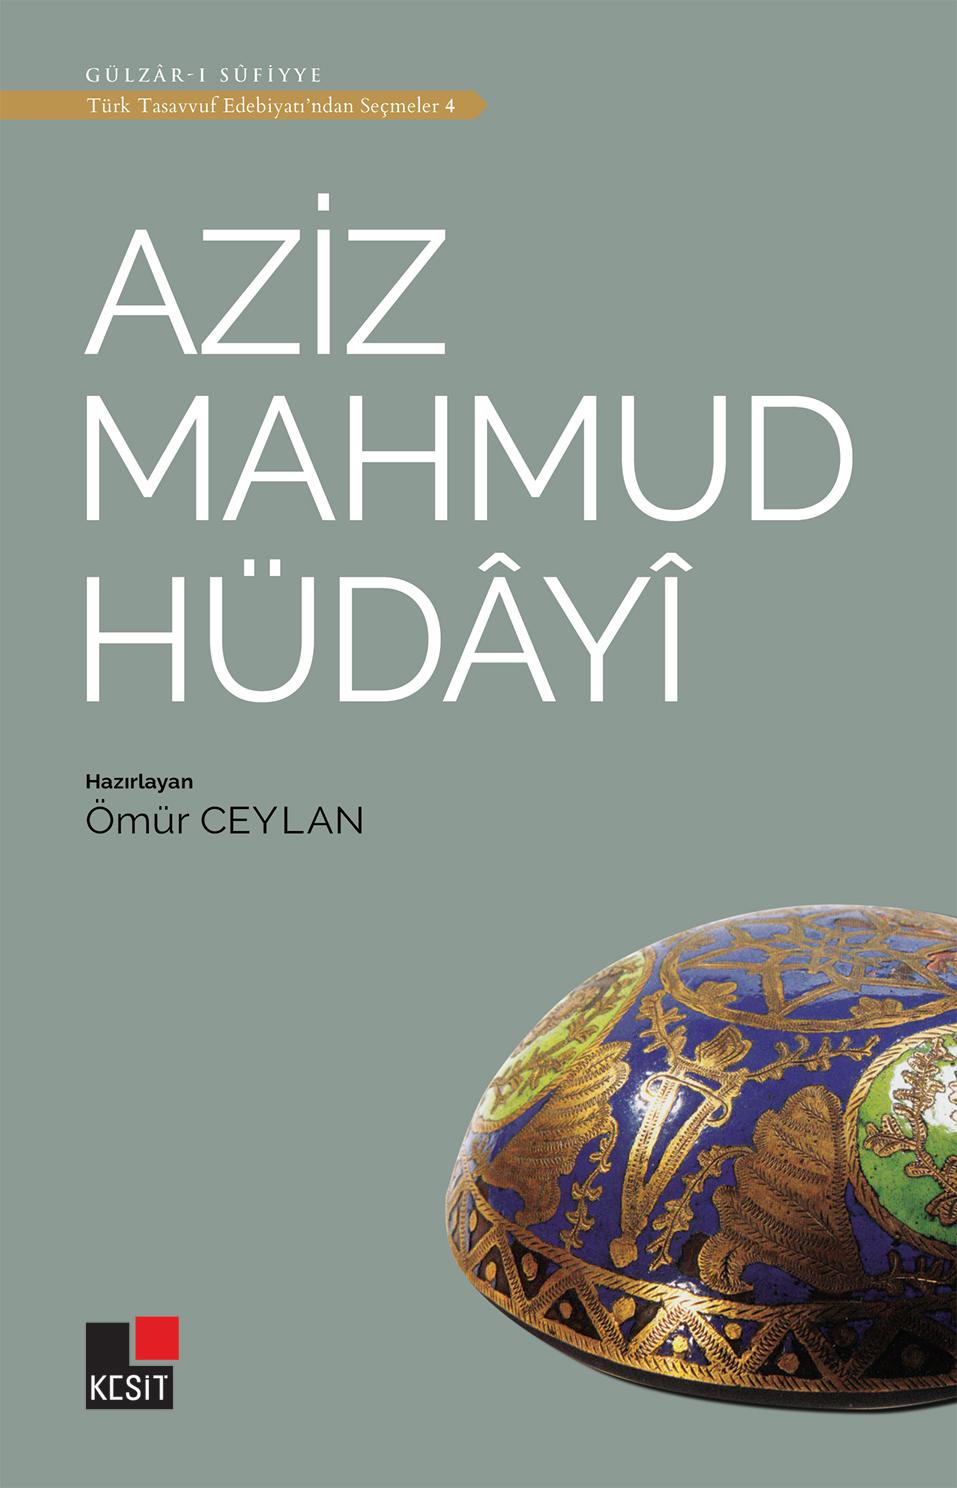 Aziz Mahmud Hüdâyî / Türk tasavvuf edebiyatından seçmeler 4